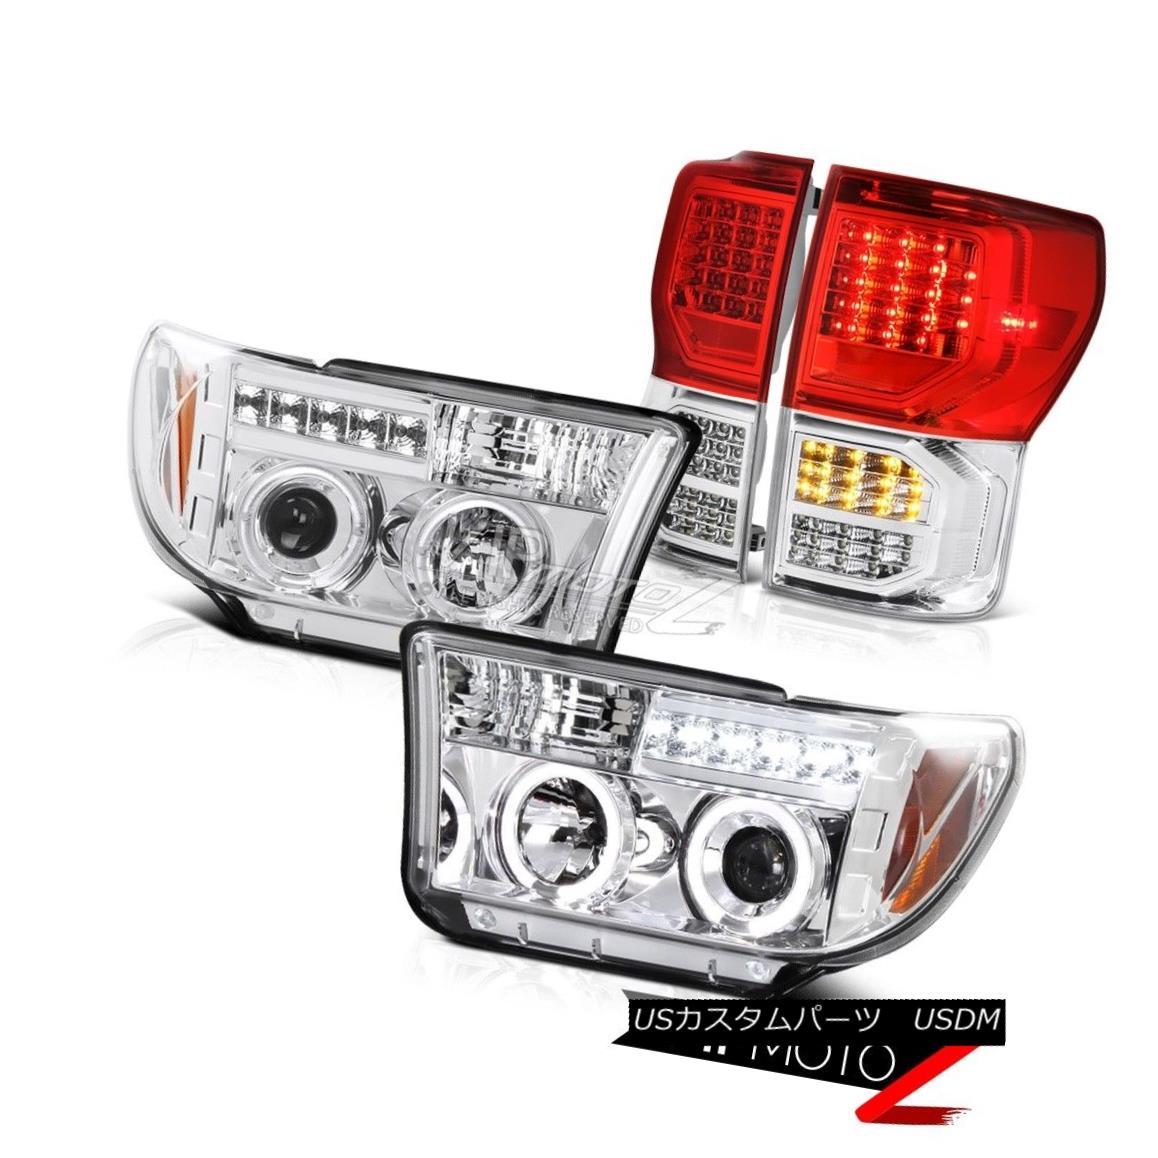 テールライト 07-13 Toyota Tundra Limited Red Tail Lamps Headlights LED LED Signal LED Tube 07-13 Toyota Tundra Limited赤テールランプヘッドライトLED LED信号LEDチューブ